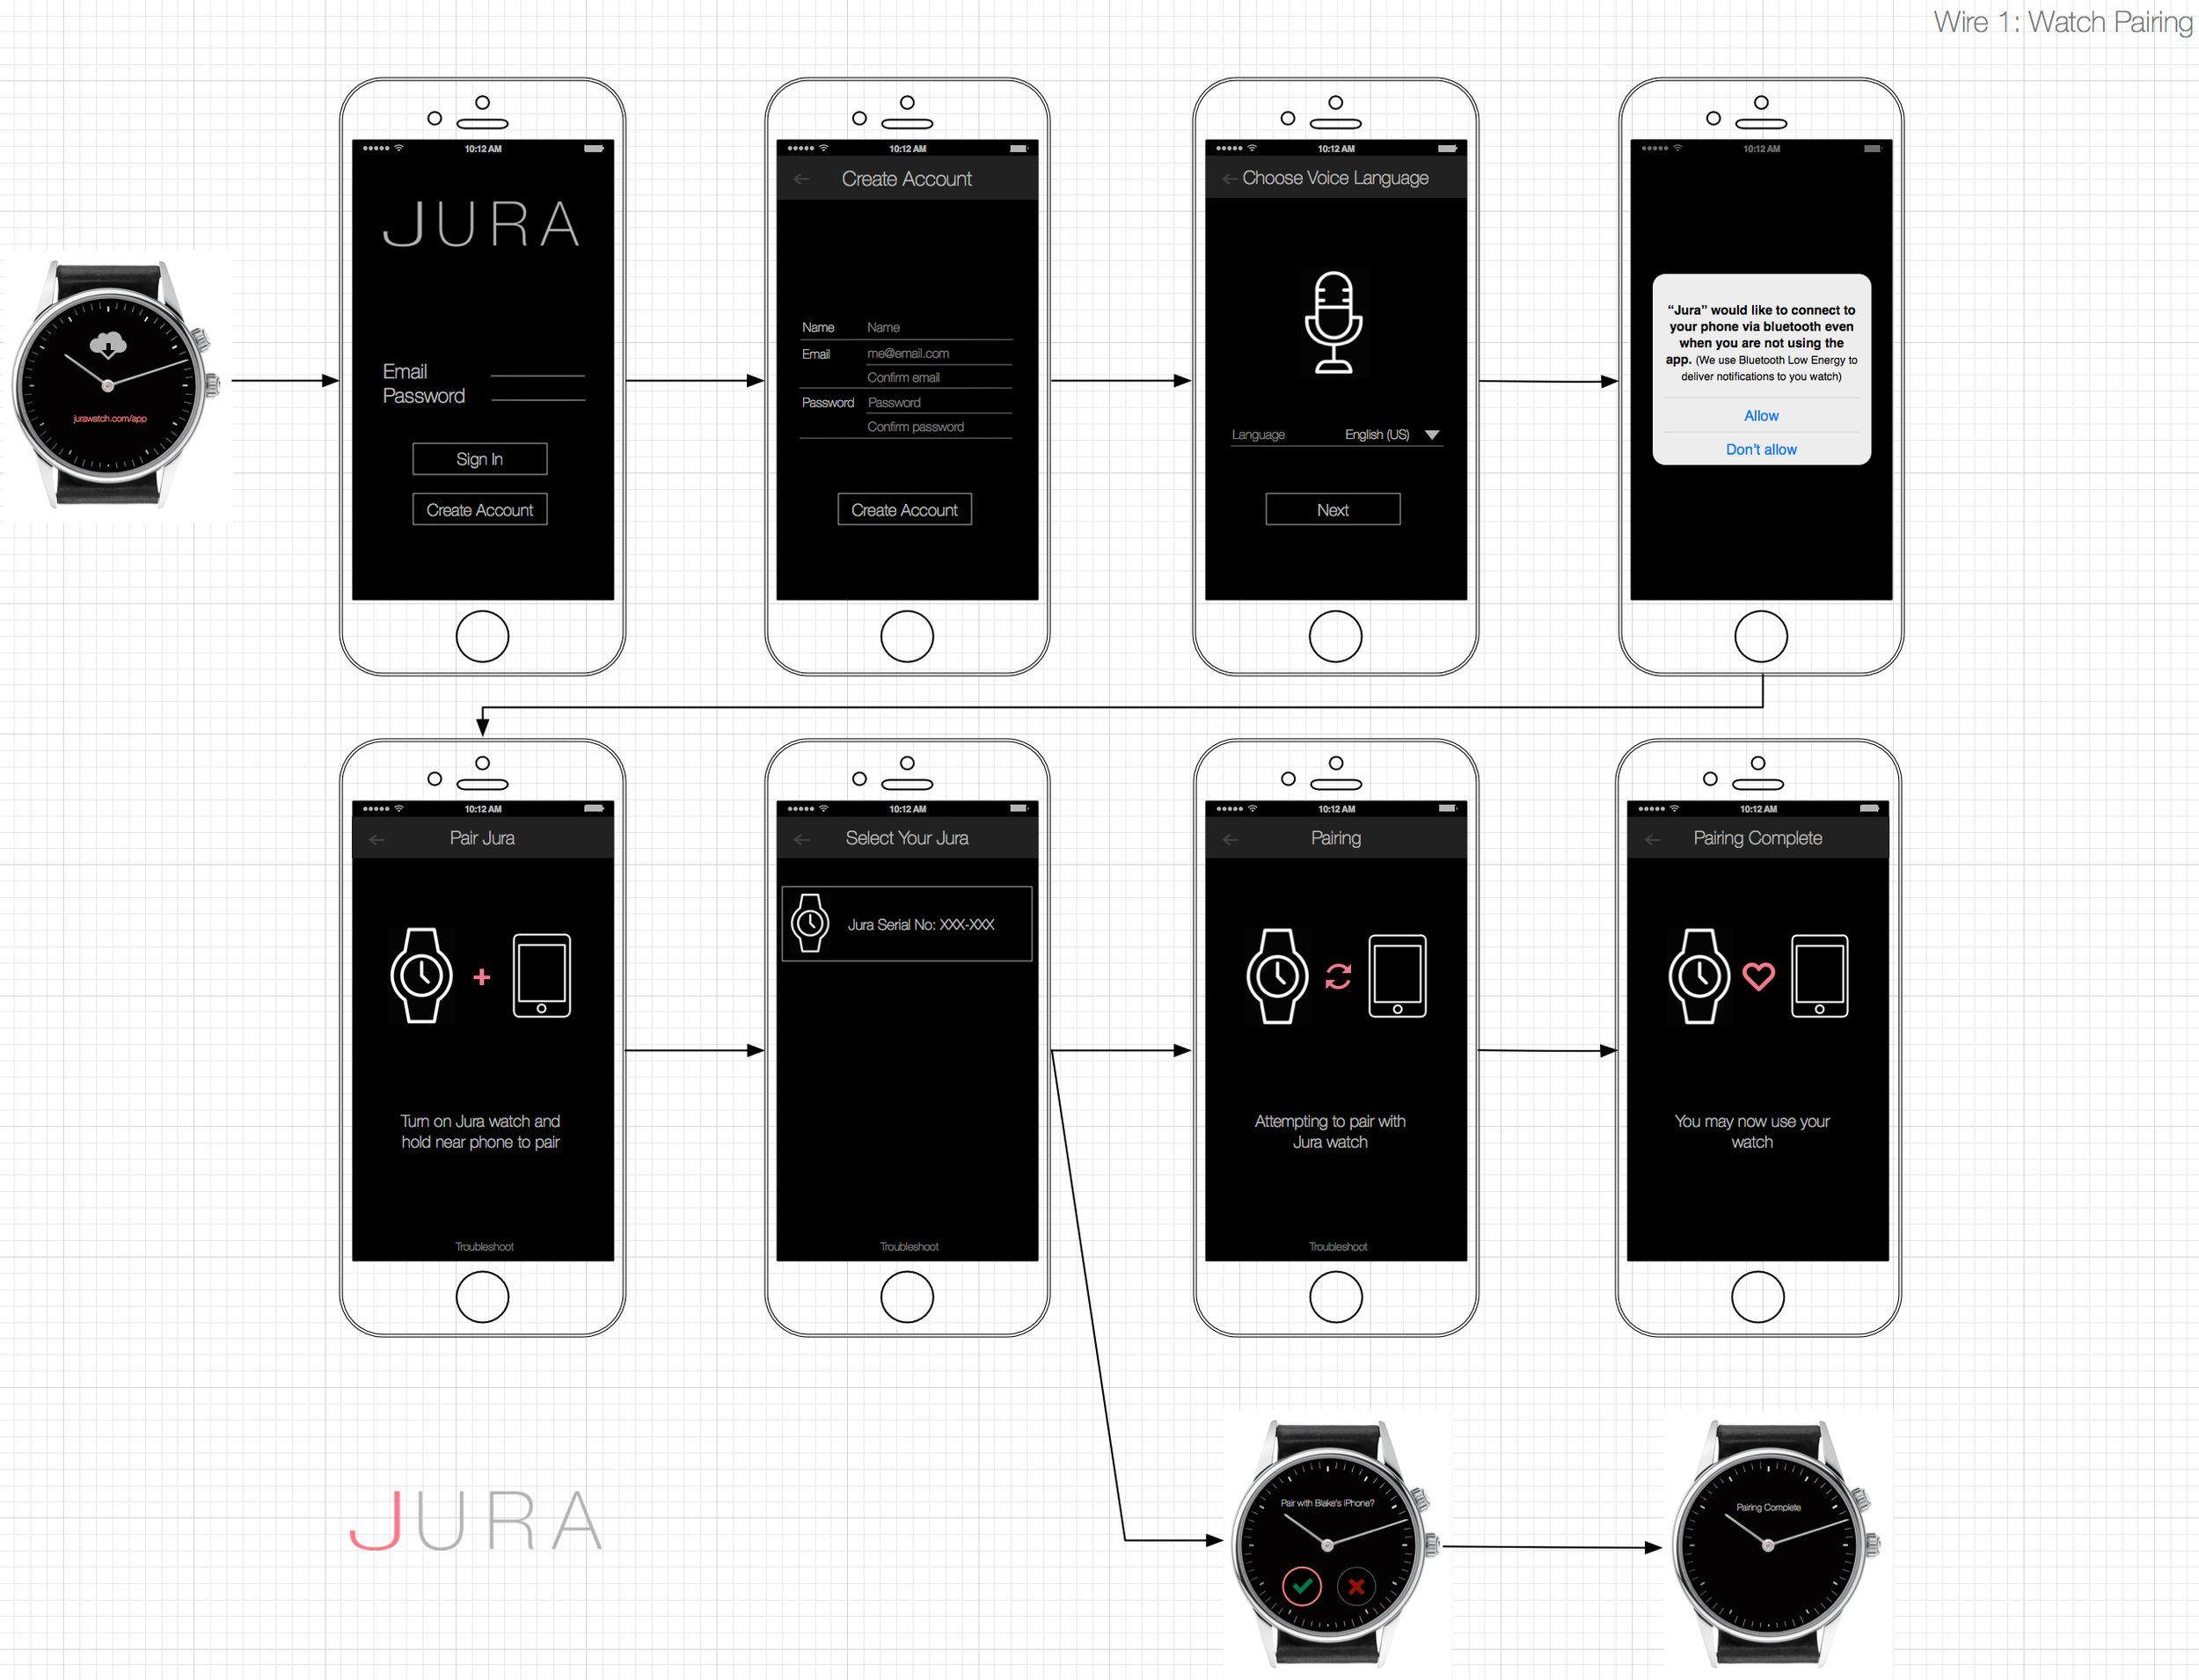 Jura Wire 1.0